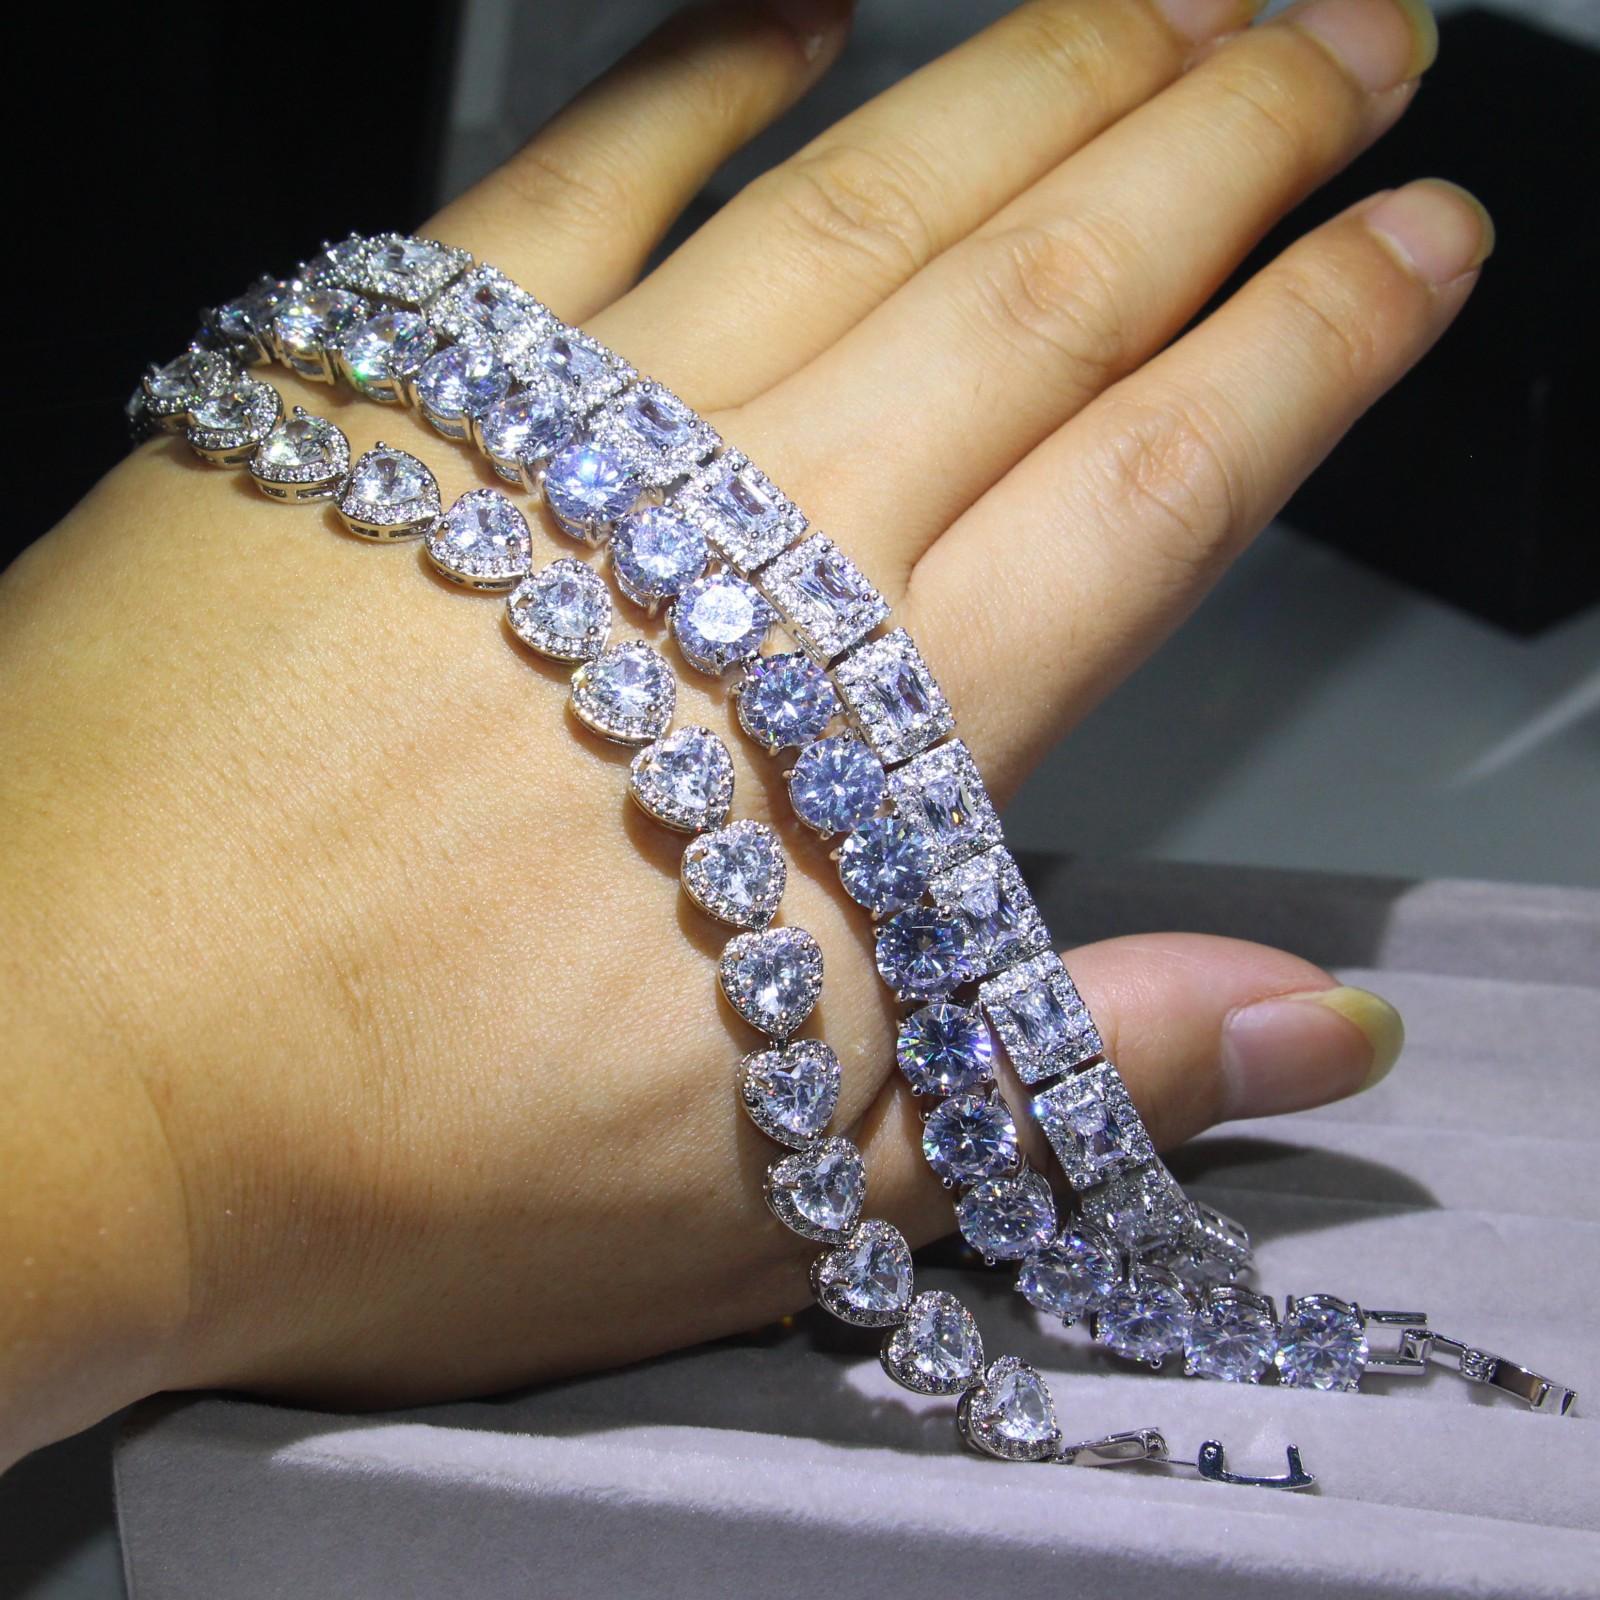 مجوهرات فاخرة 3 نمط فيكتوريا التسلق 925 فضة كاملة الأميرة قص الأبيض توباز CZ الماس رومانيا الزفاف سوار للنساء